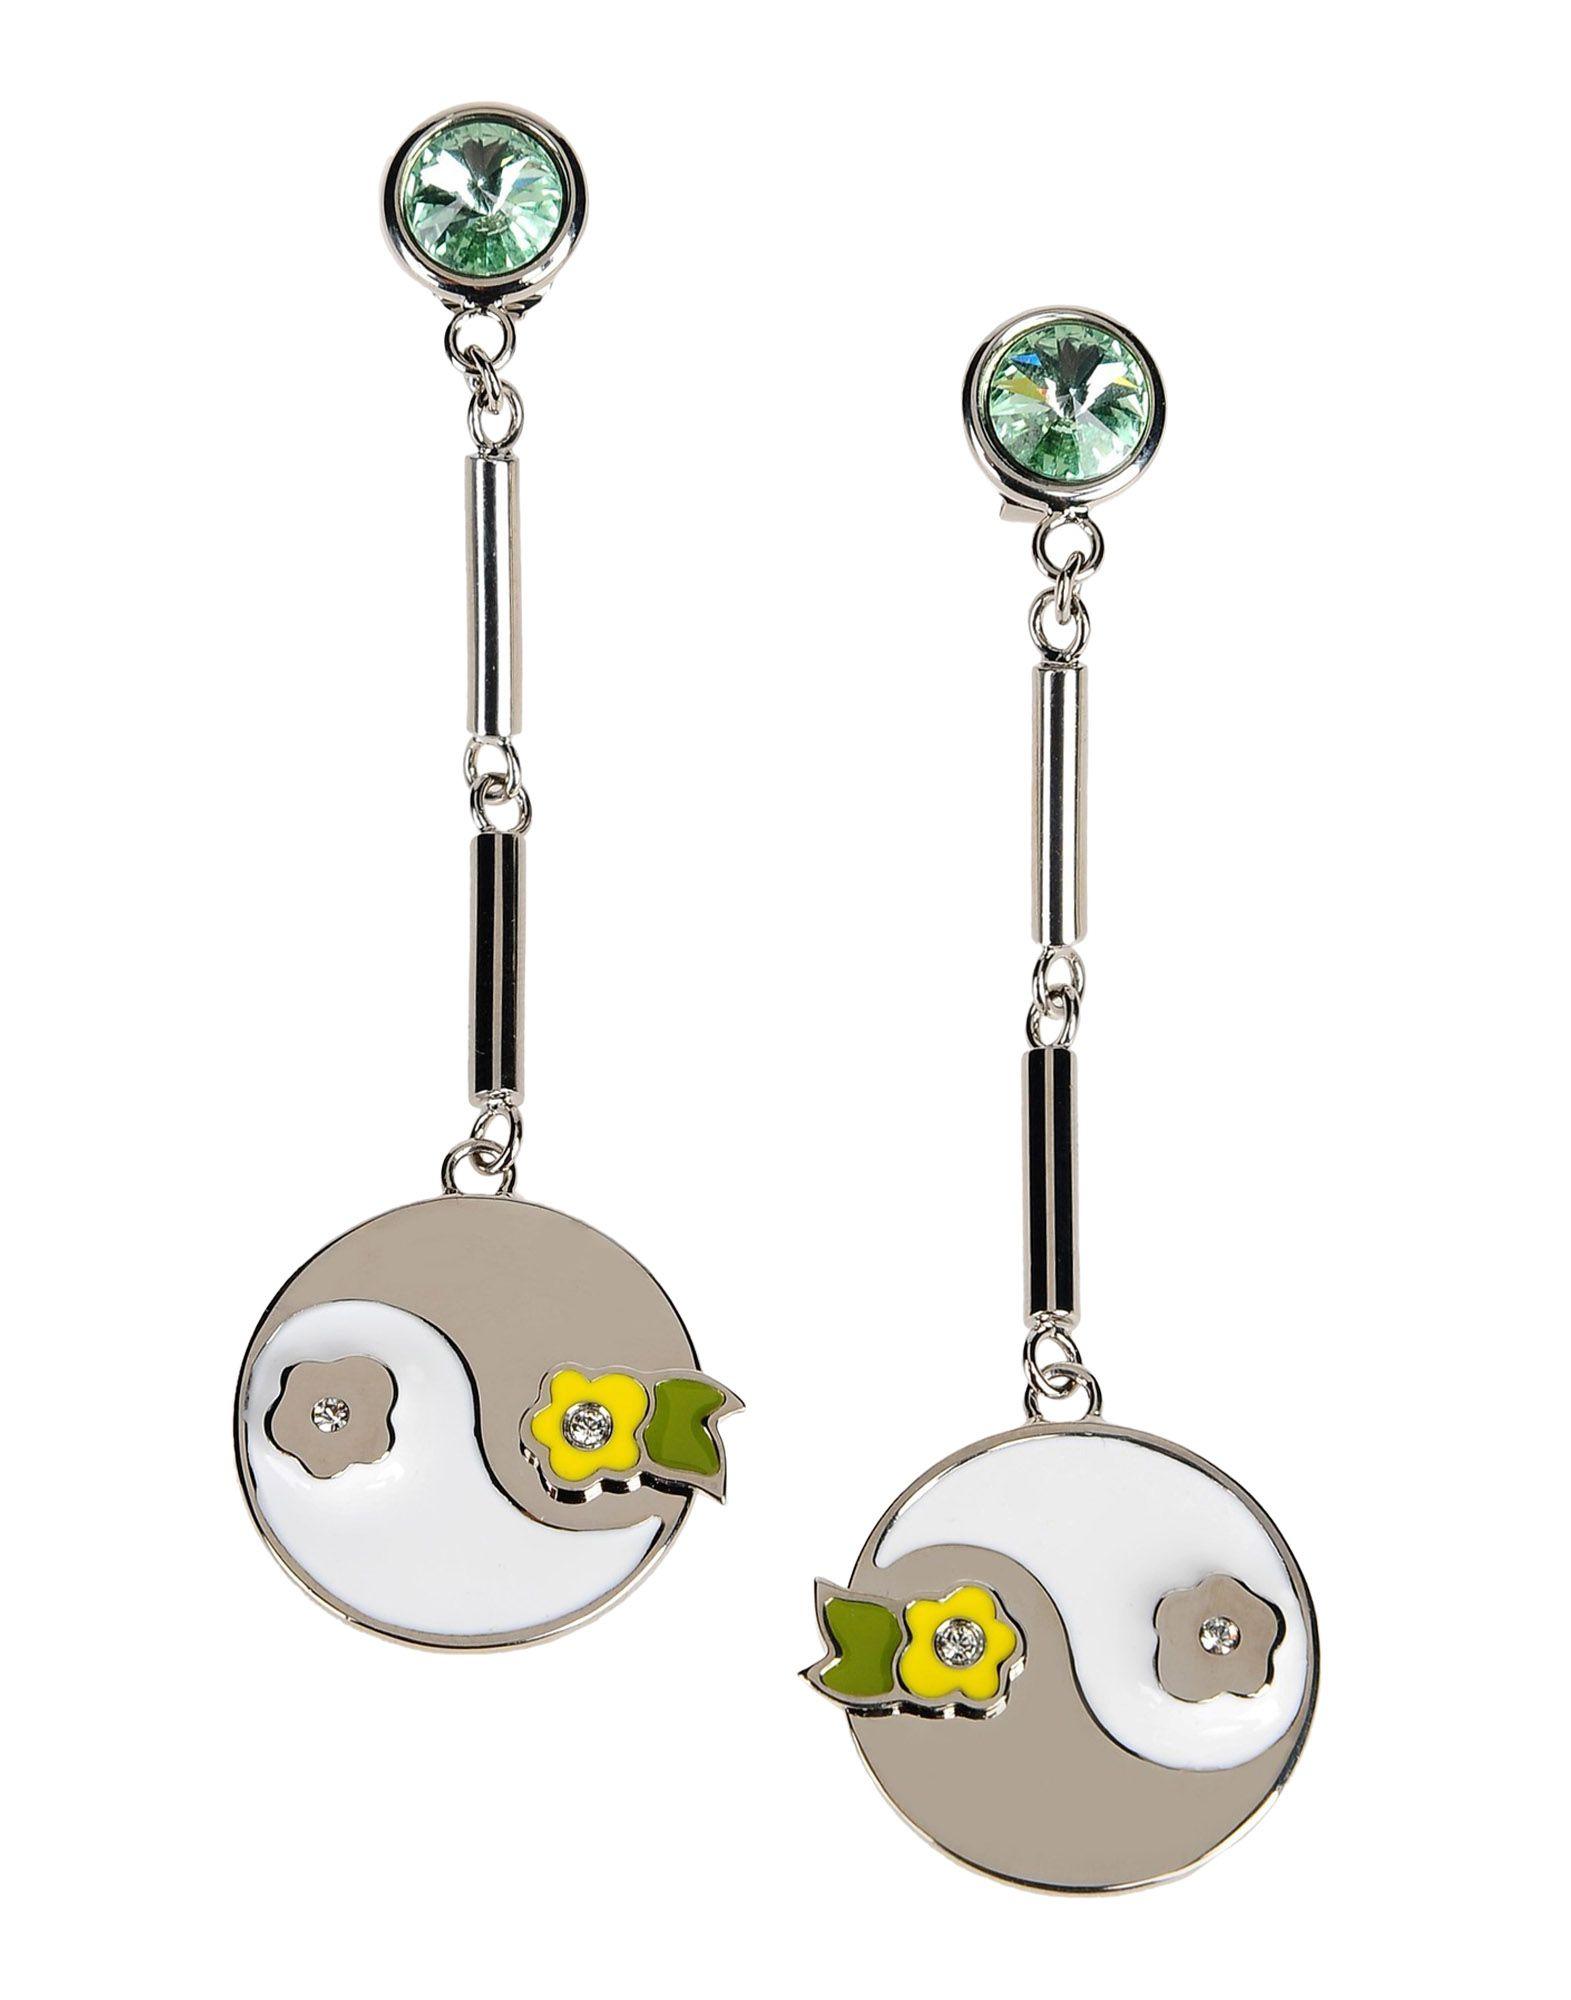 JIWINAIA Earrings in Silver